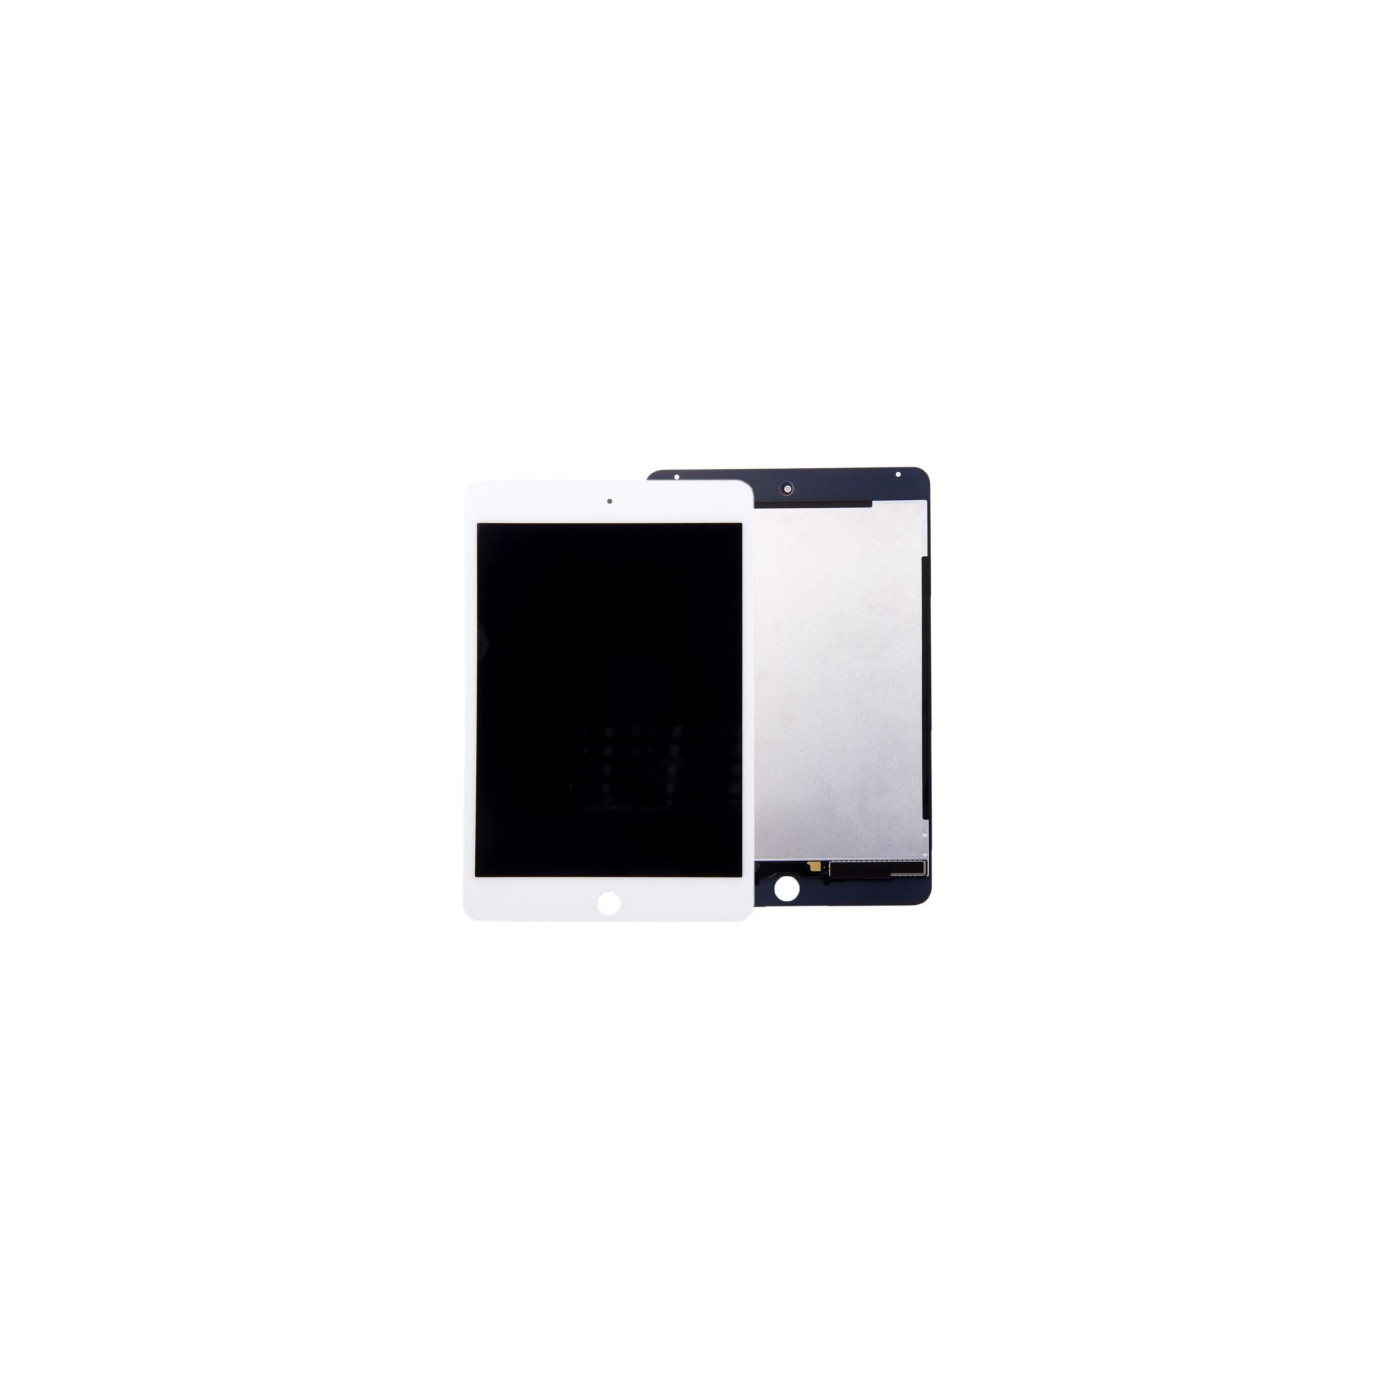 Display Lcd + Touch Screen per apple ipad mini 4 Bianco Ricambi